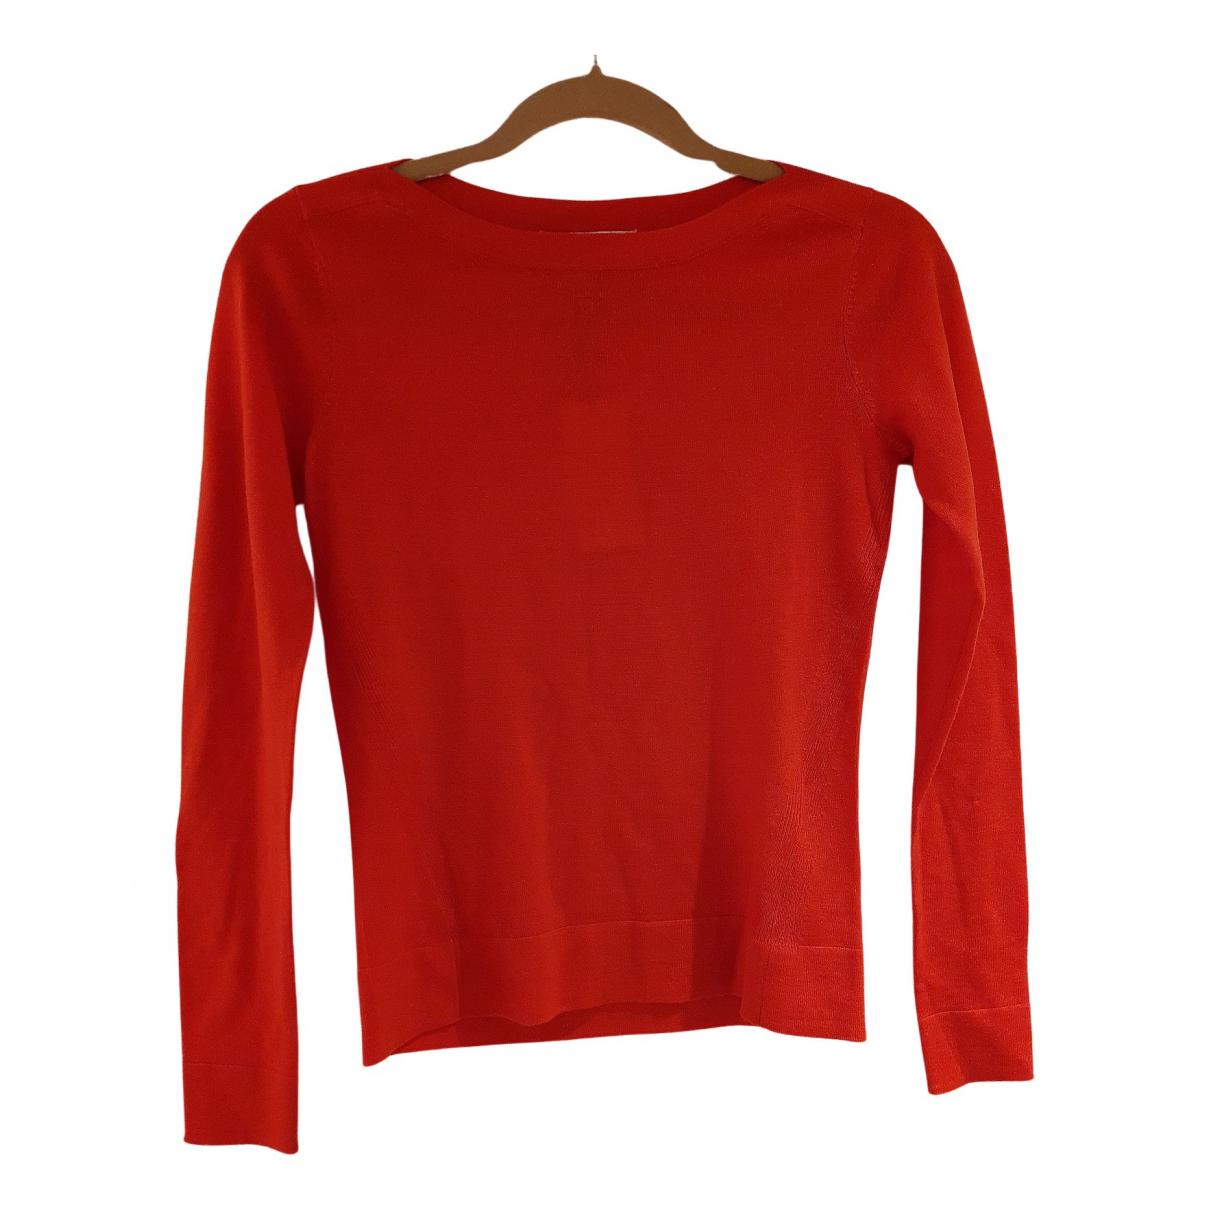 Lk Bennett N Red Wool Knitwear for Women 6 UK